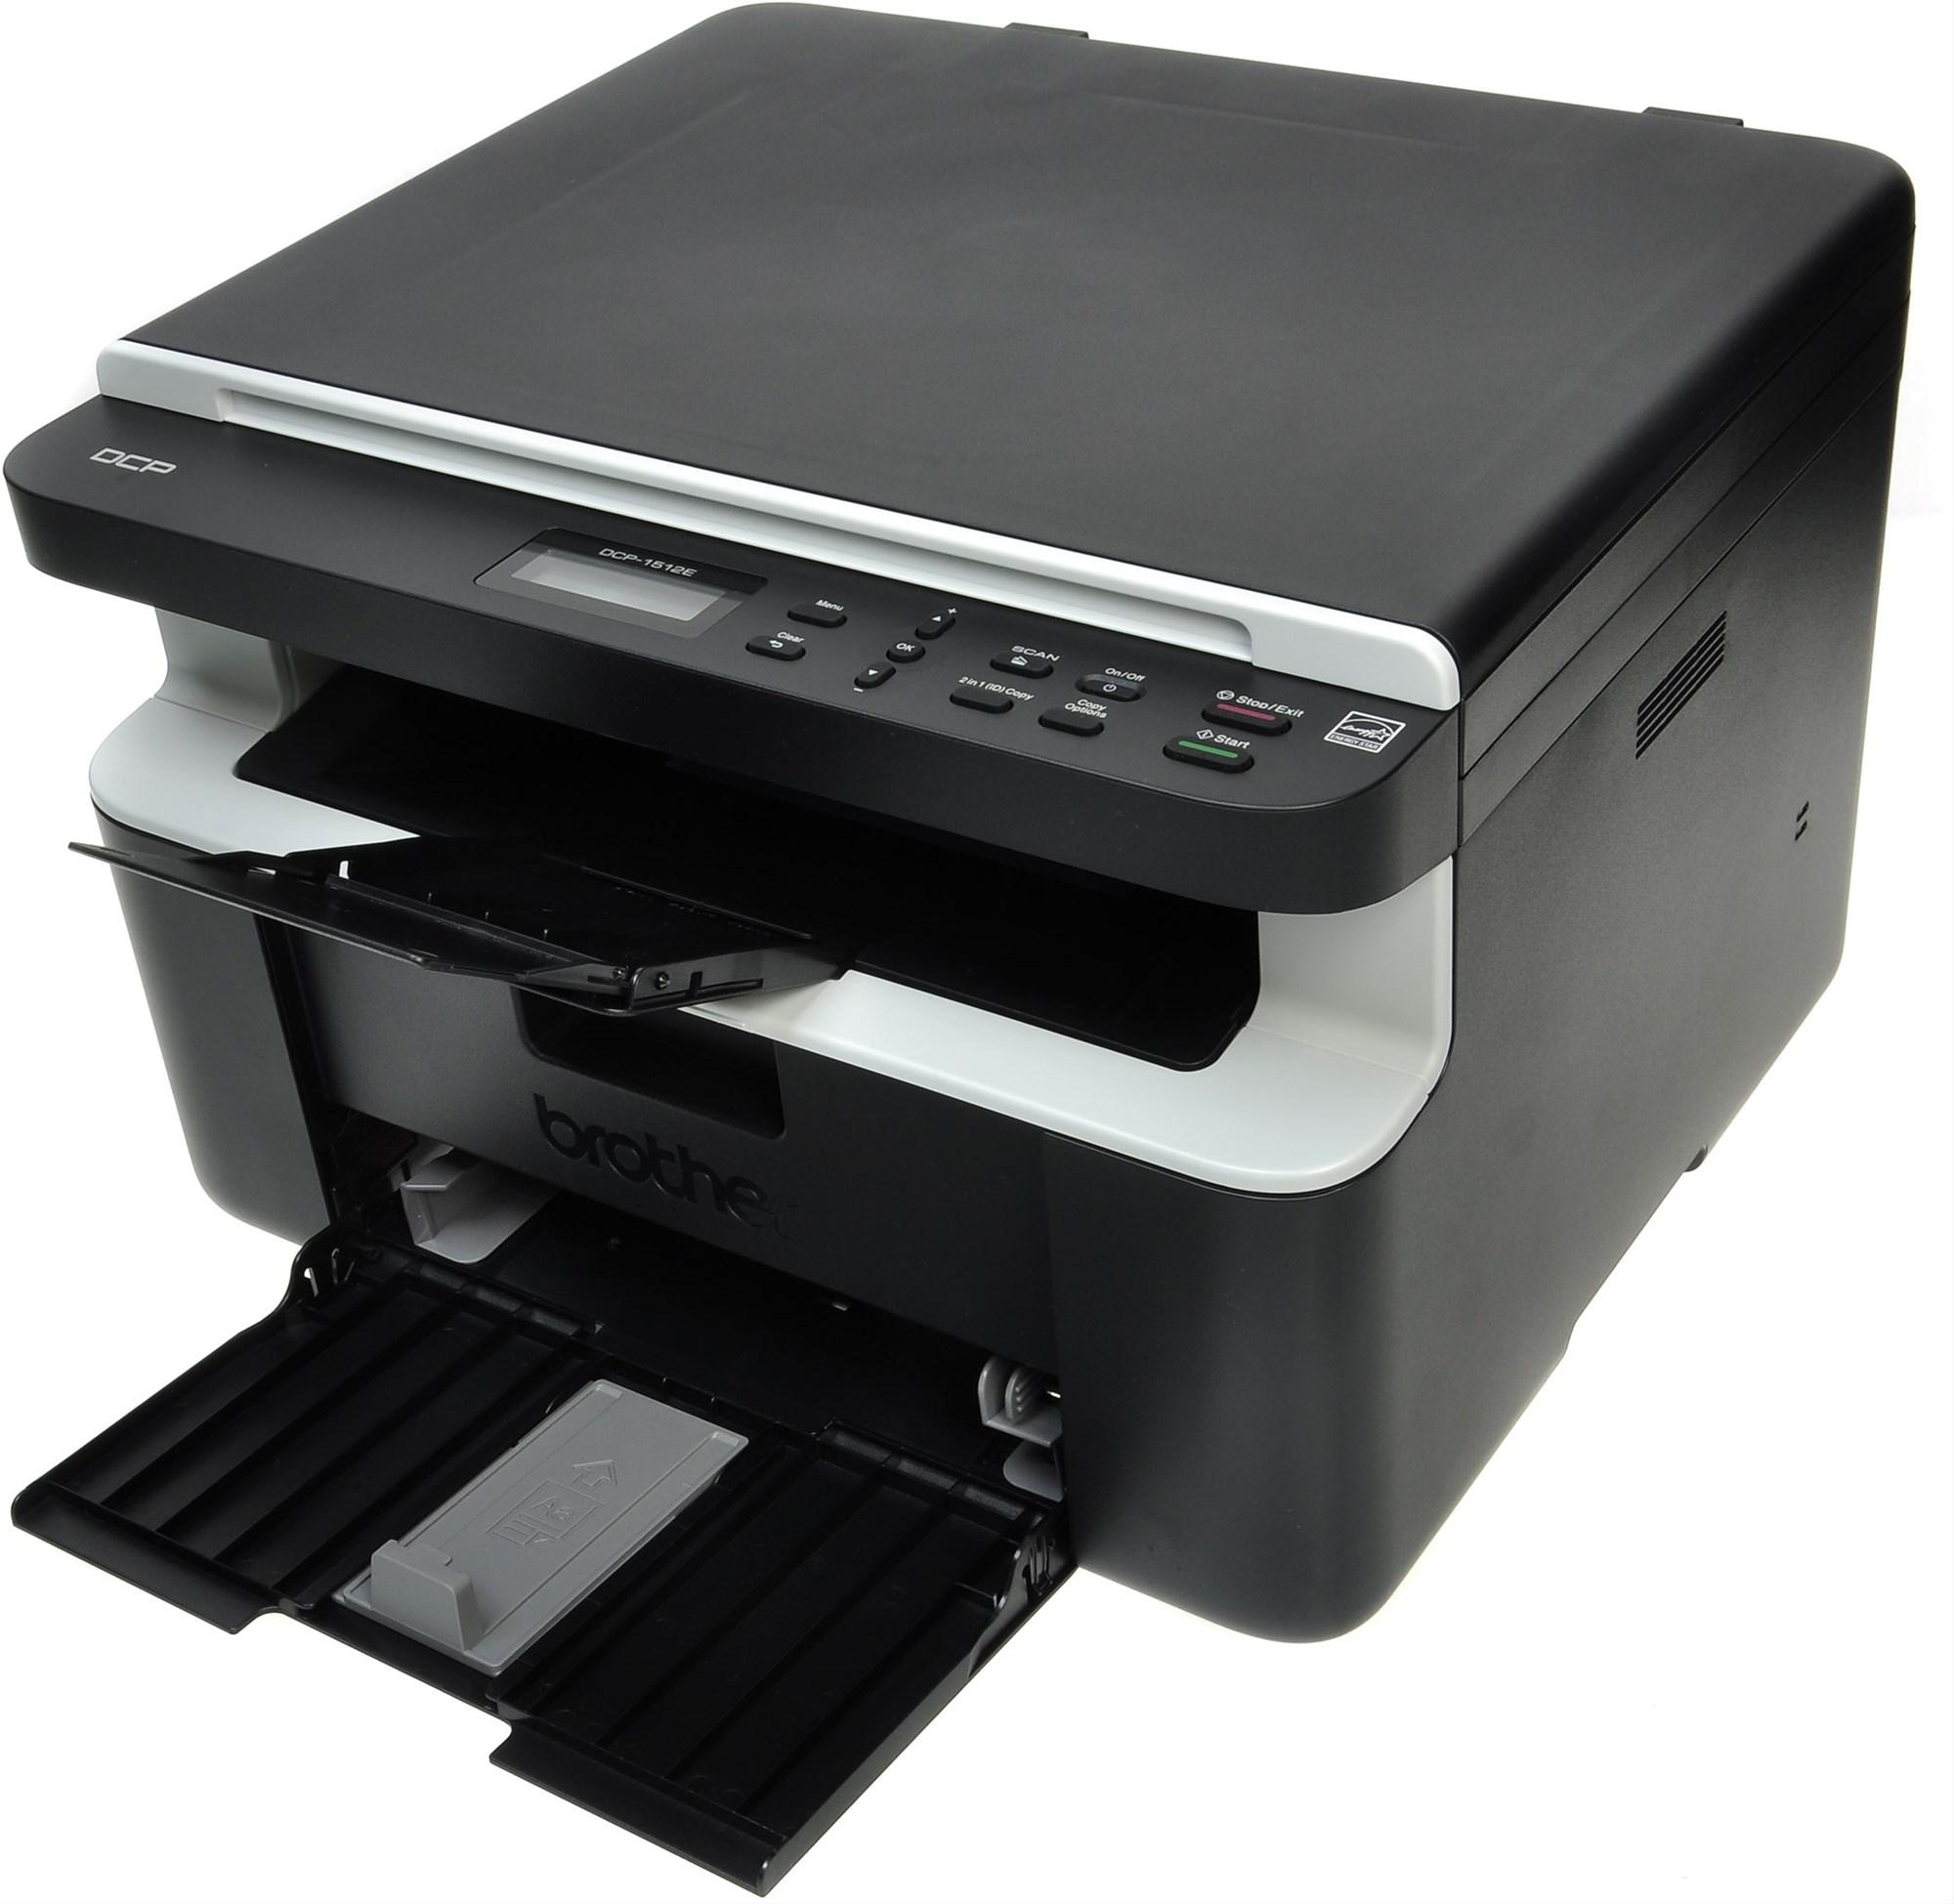 Víc než jen tiskárna